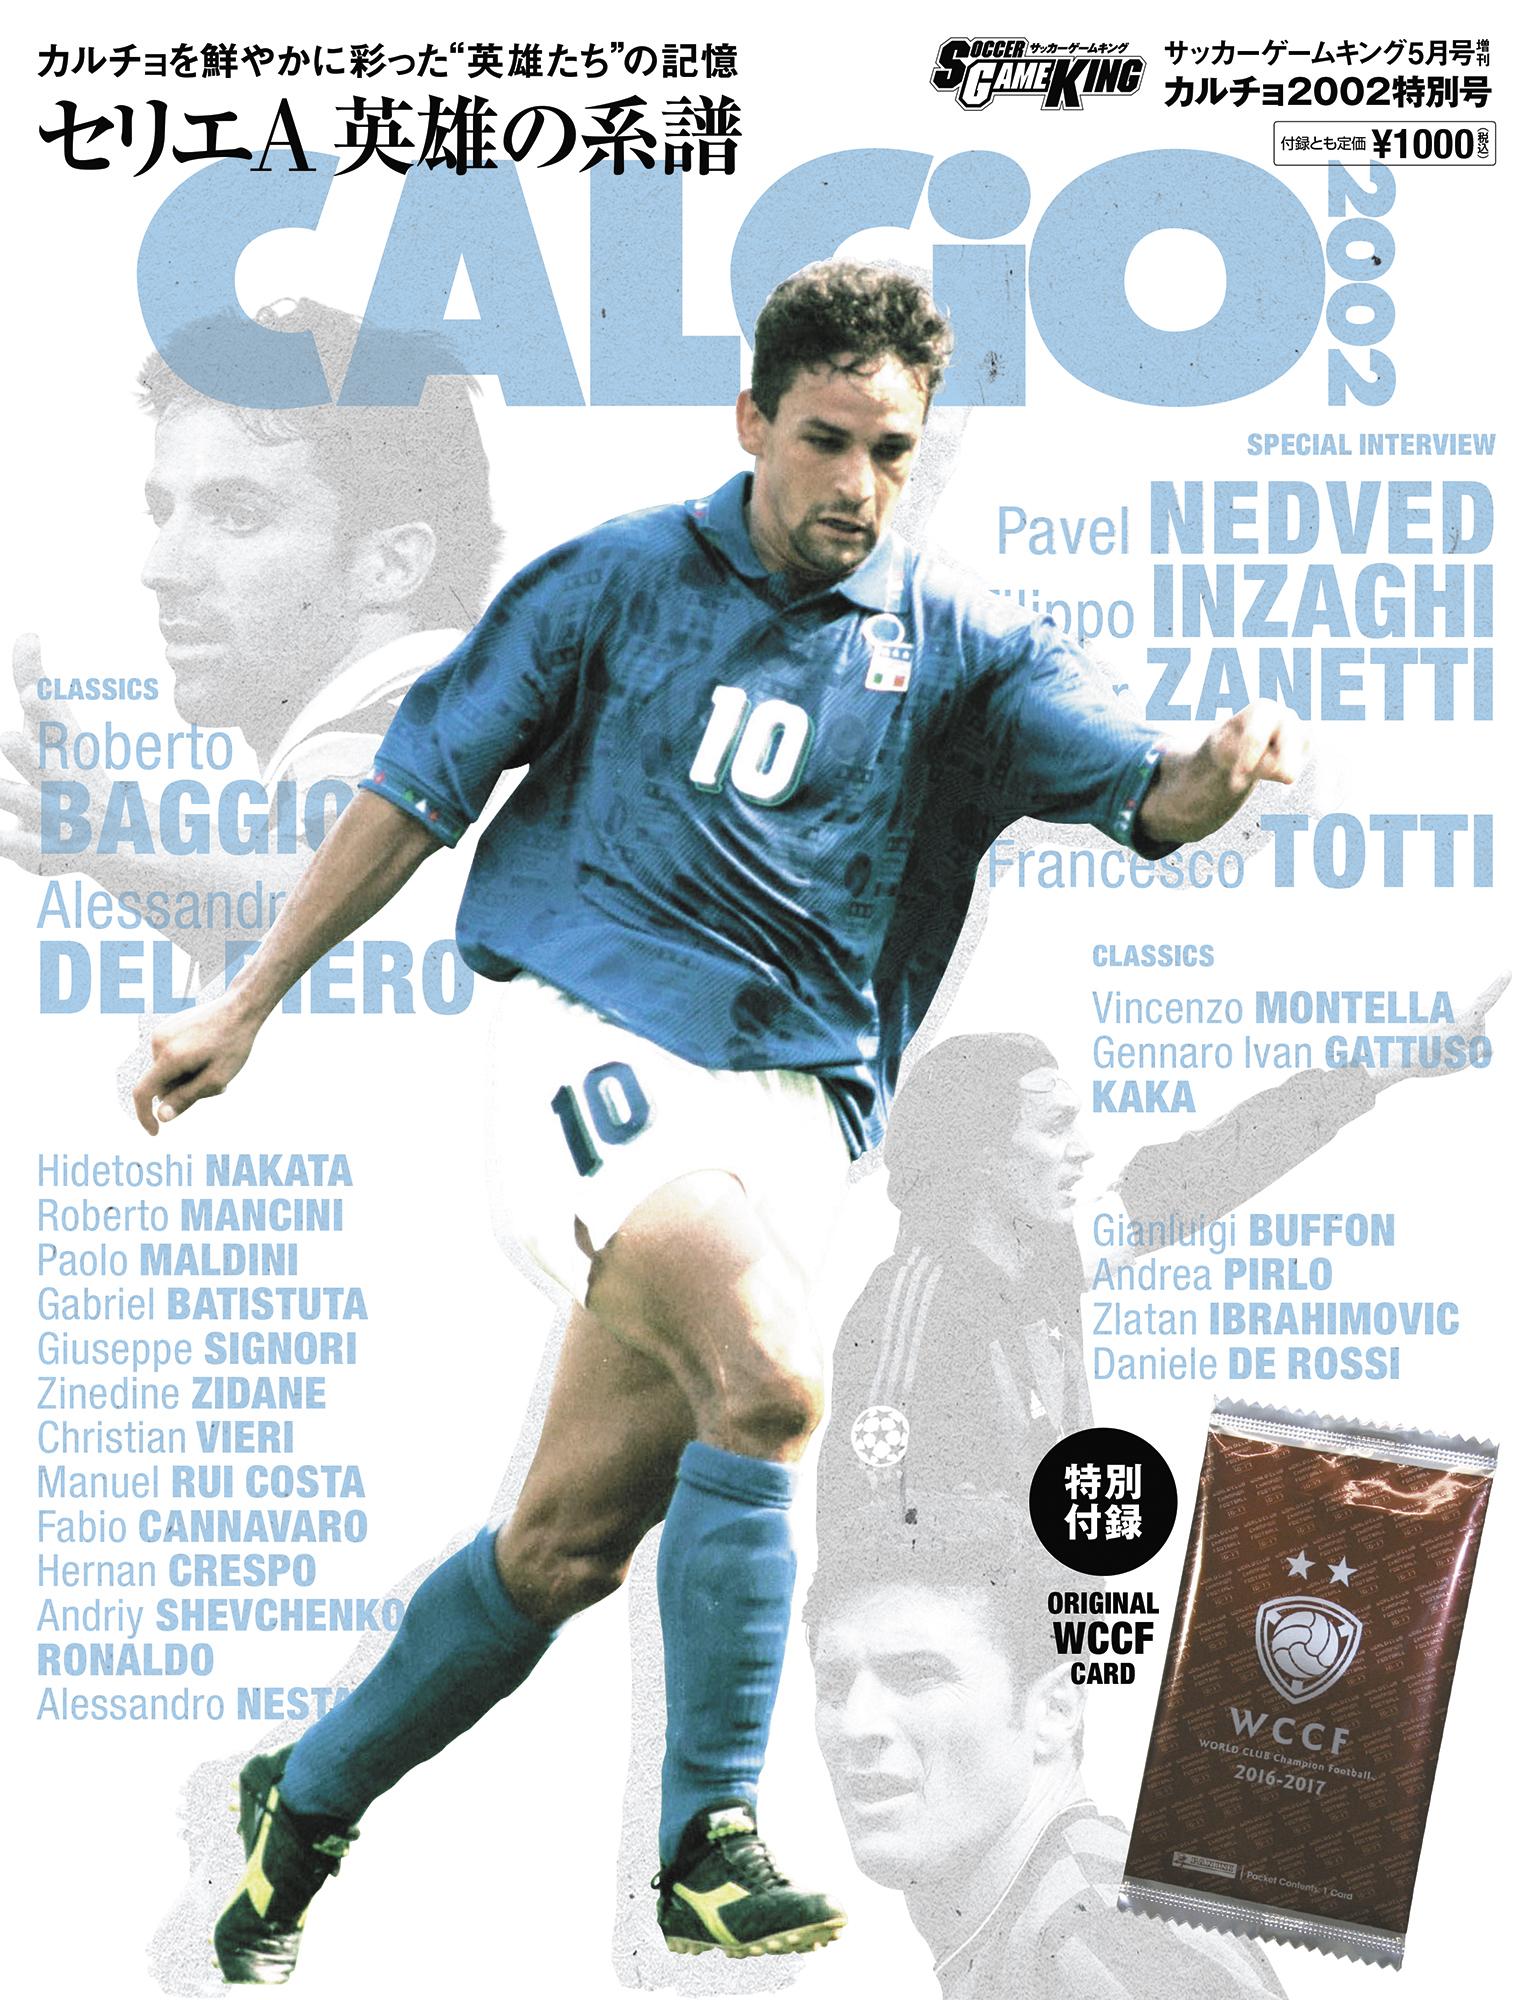 CALCIO22002